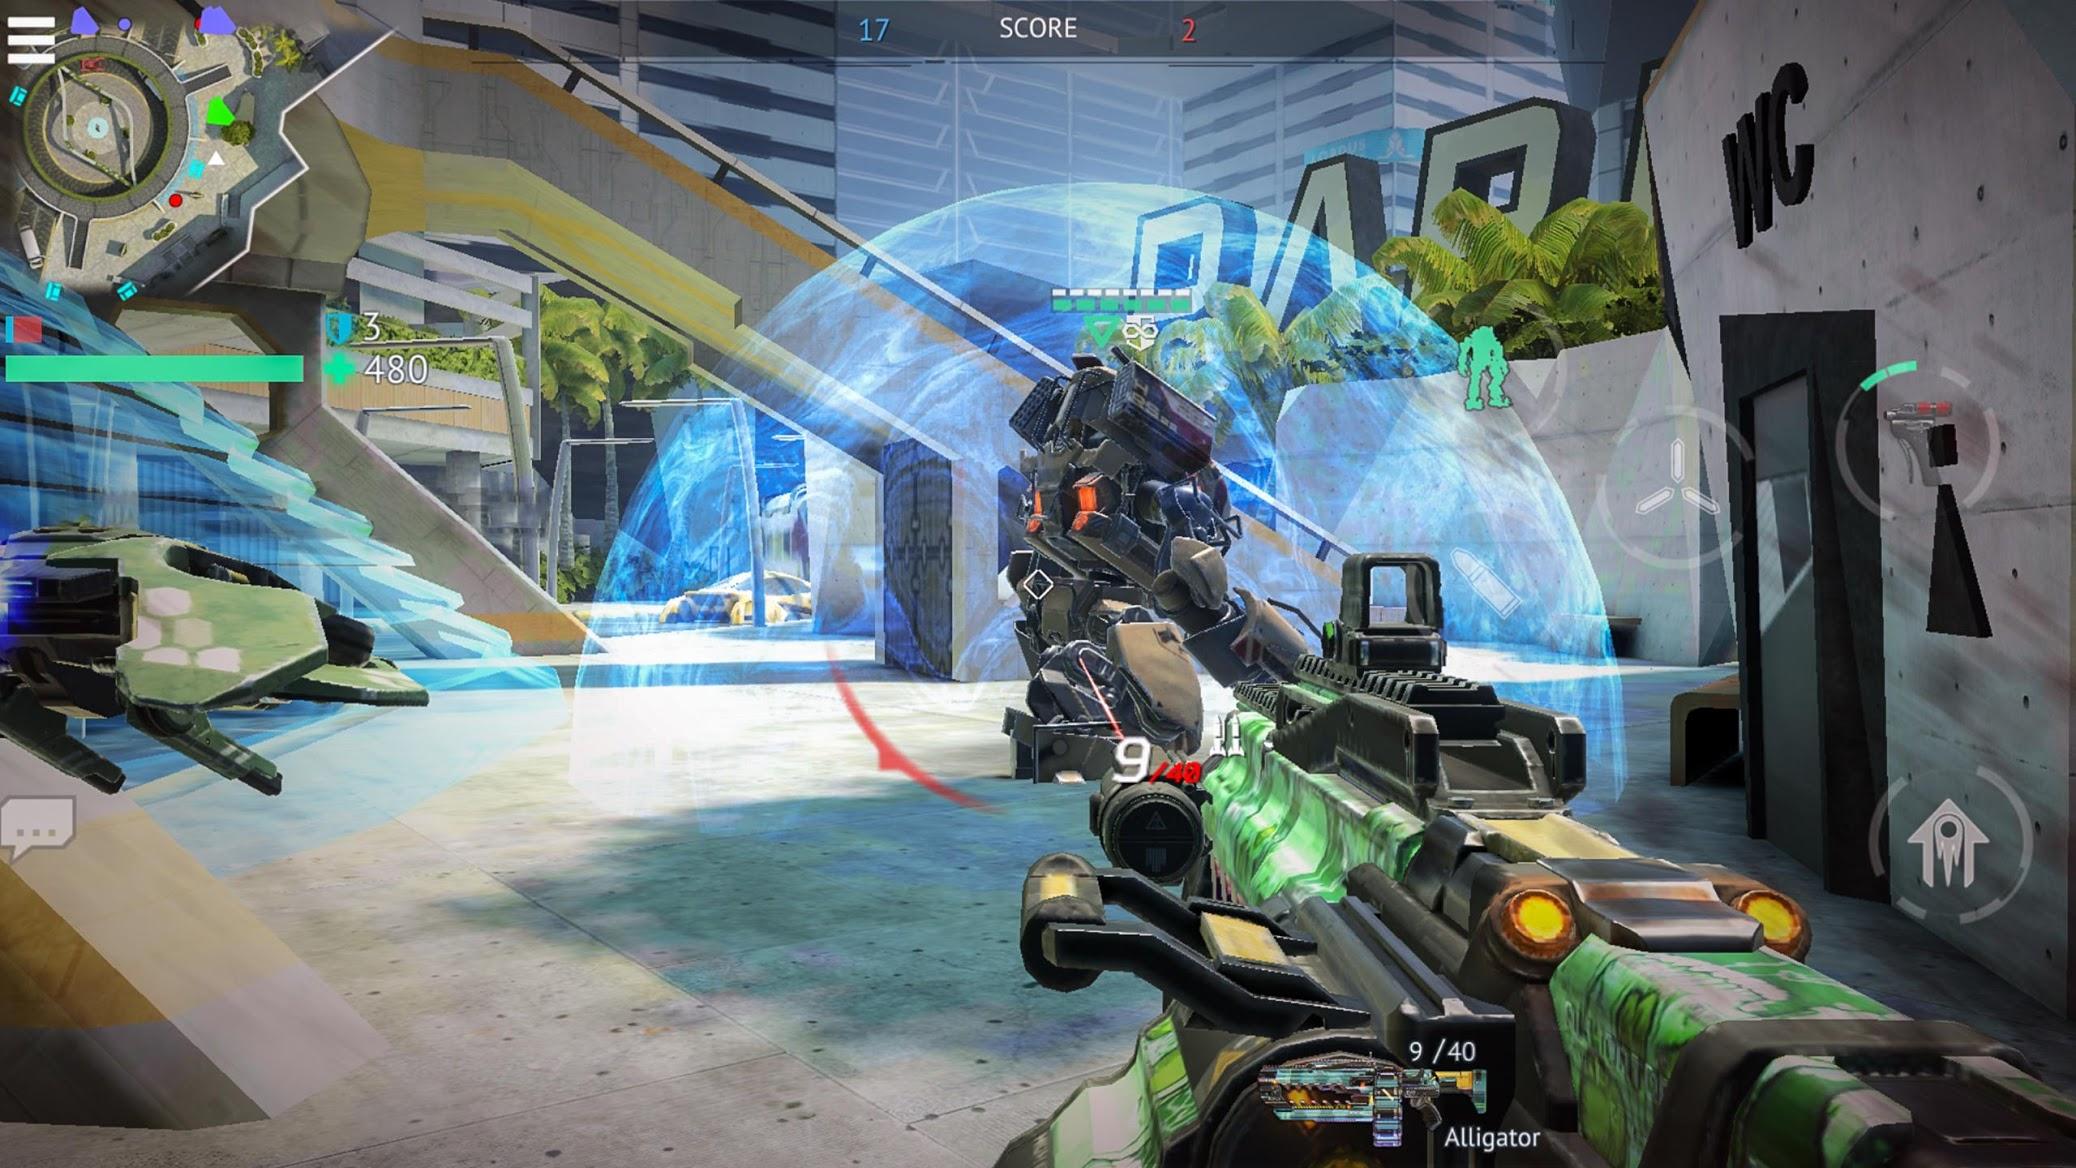 无尽行动:堪称《泰坦陨落》手游版,画质炸裂的科幻射击对战游戏